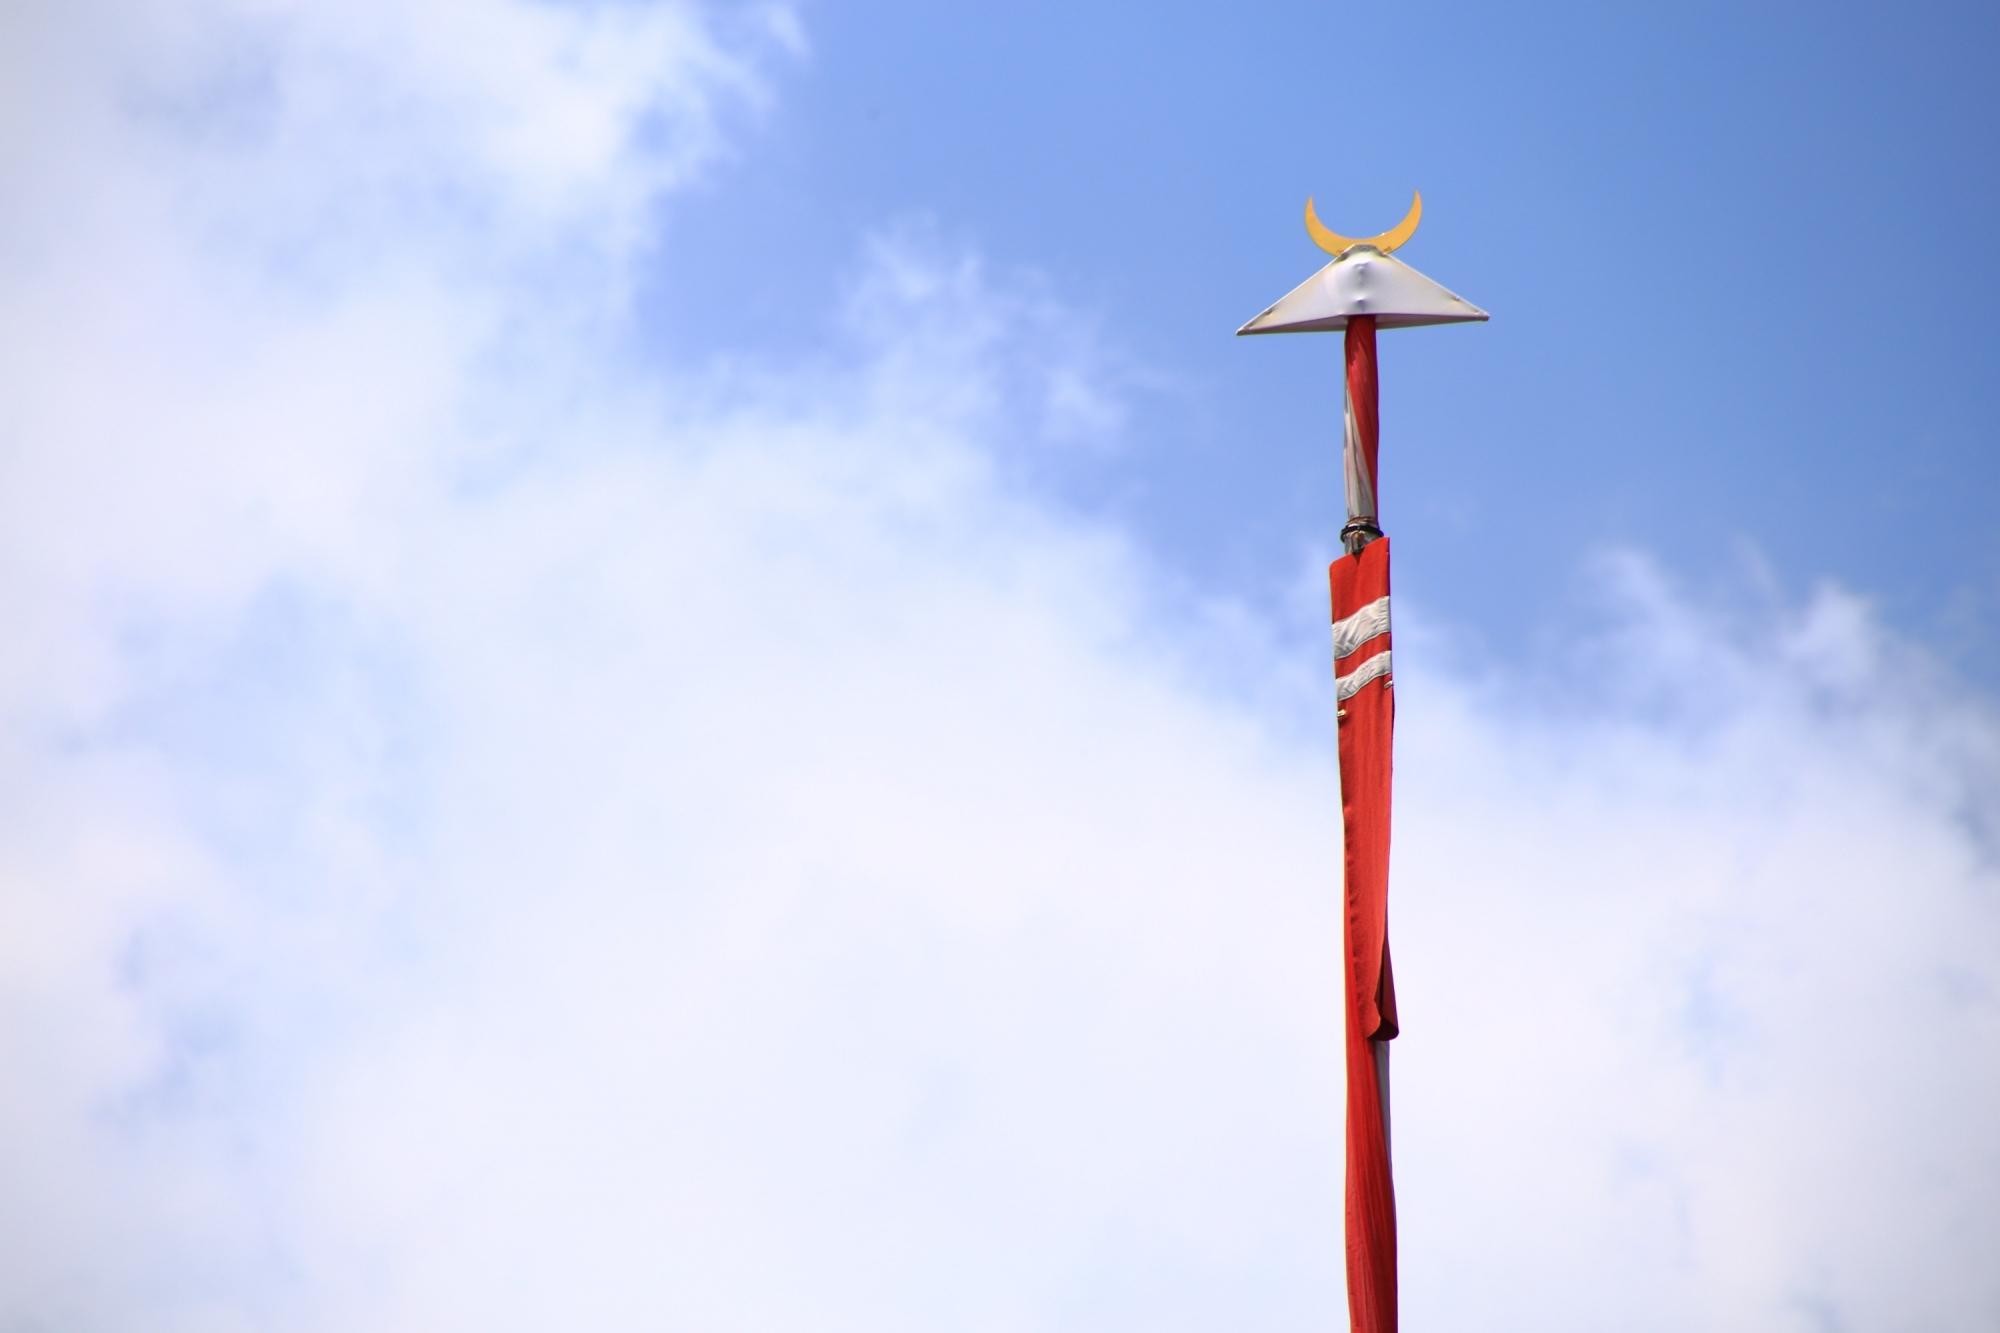 祇園祭の函谷鉾の鉾頭